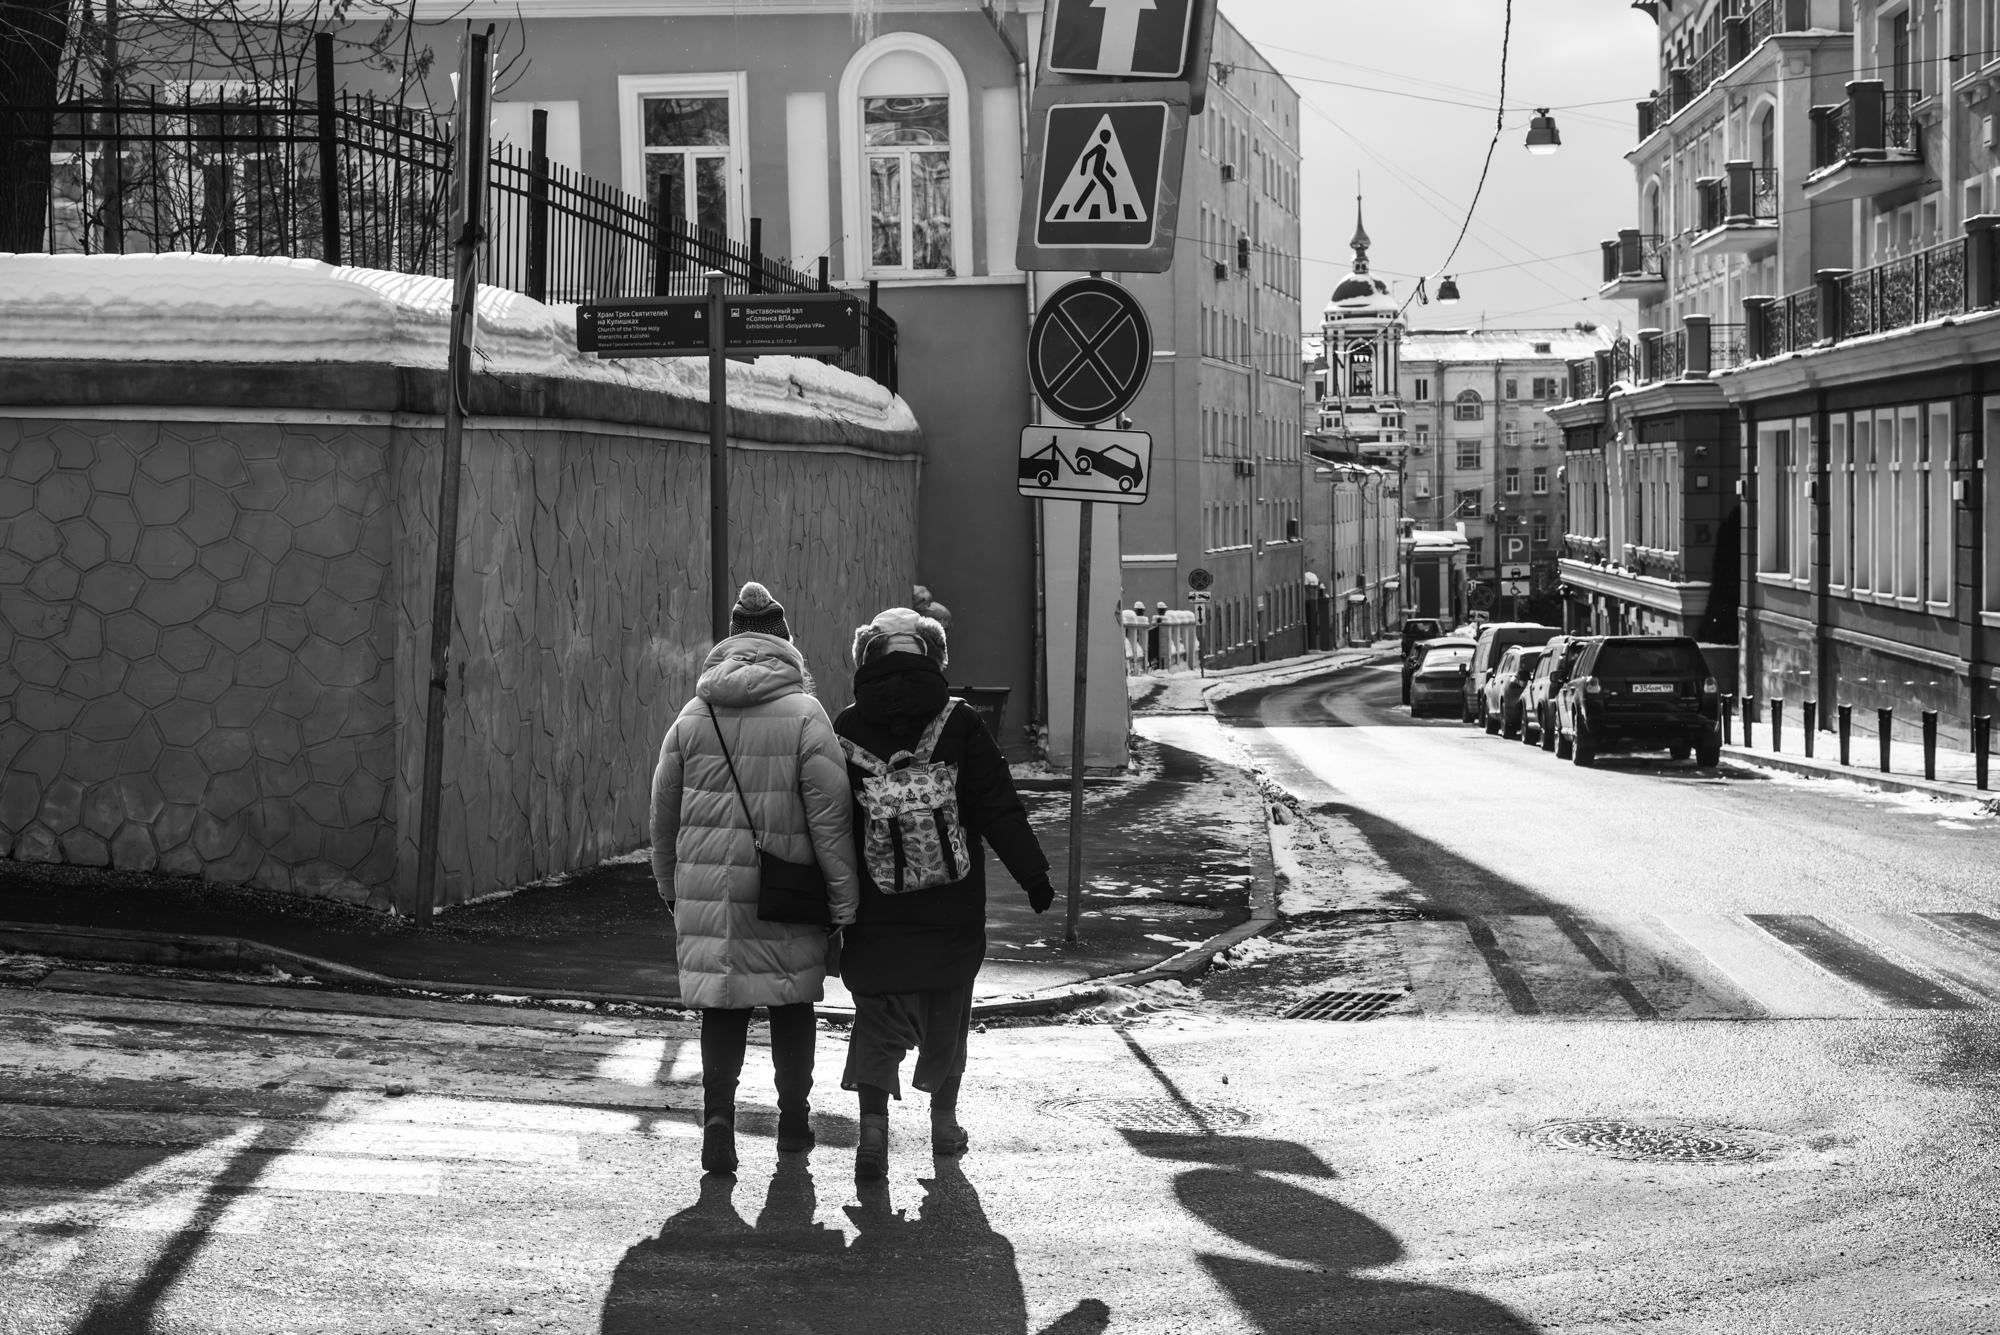 Улица и люди